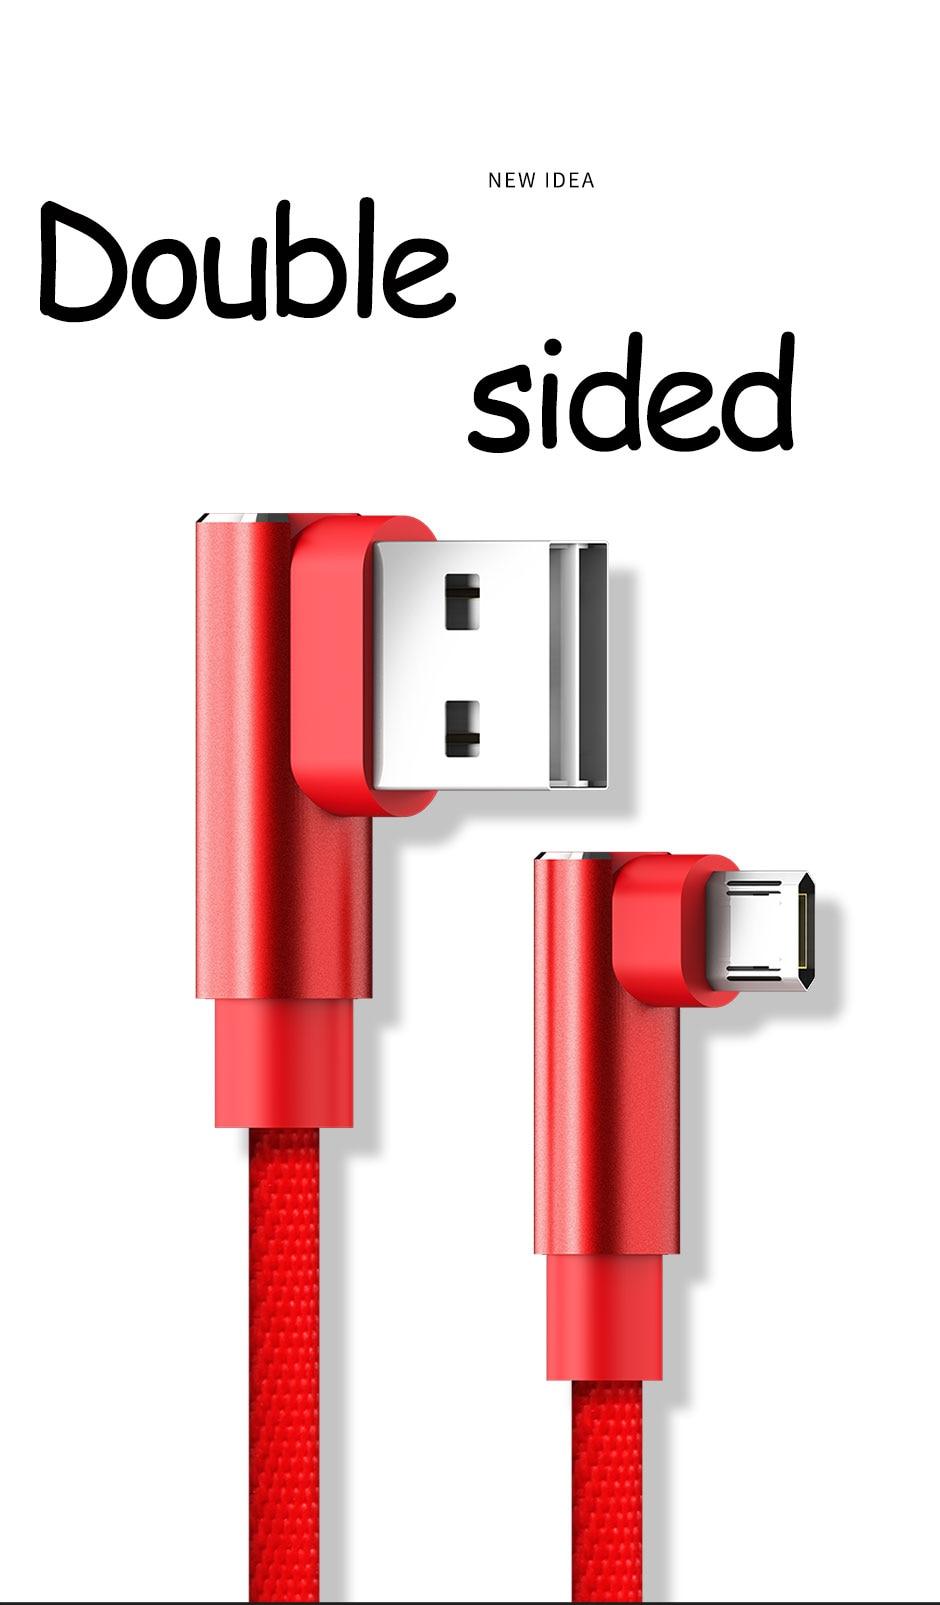 US $249.0 |100 sztuk APPACS 90 stopni Micro USB kabel 2.4A szybka ładowarka kabel danych pleciony kabel|Kable do telefonów komórkowych| AliExpress